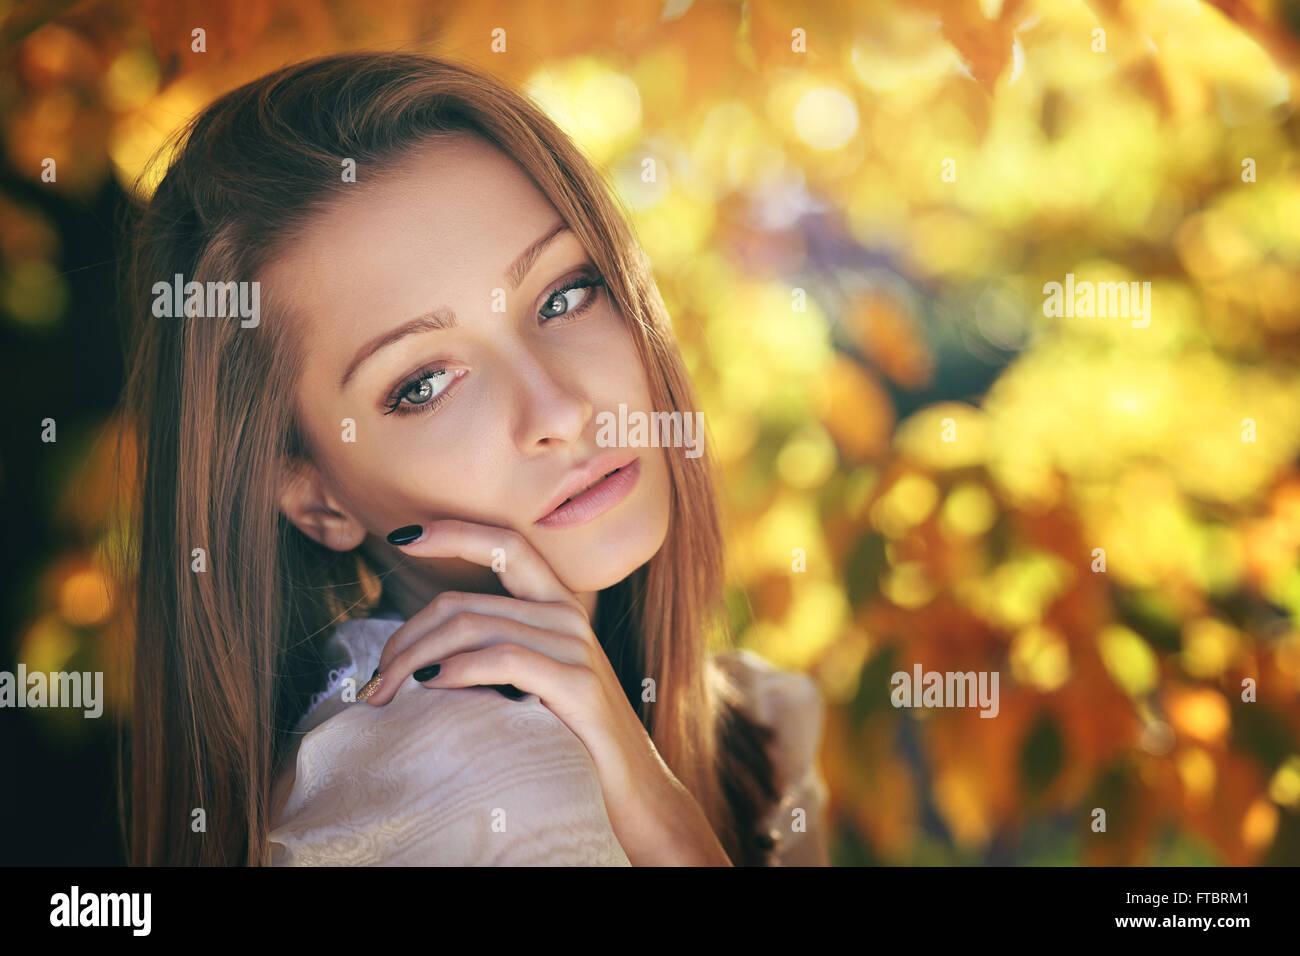 Autunno Caldo ritratto di una giovane donna . Golden lascia dietro di sé Immagini Stock